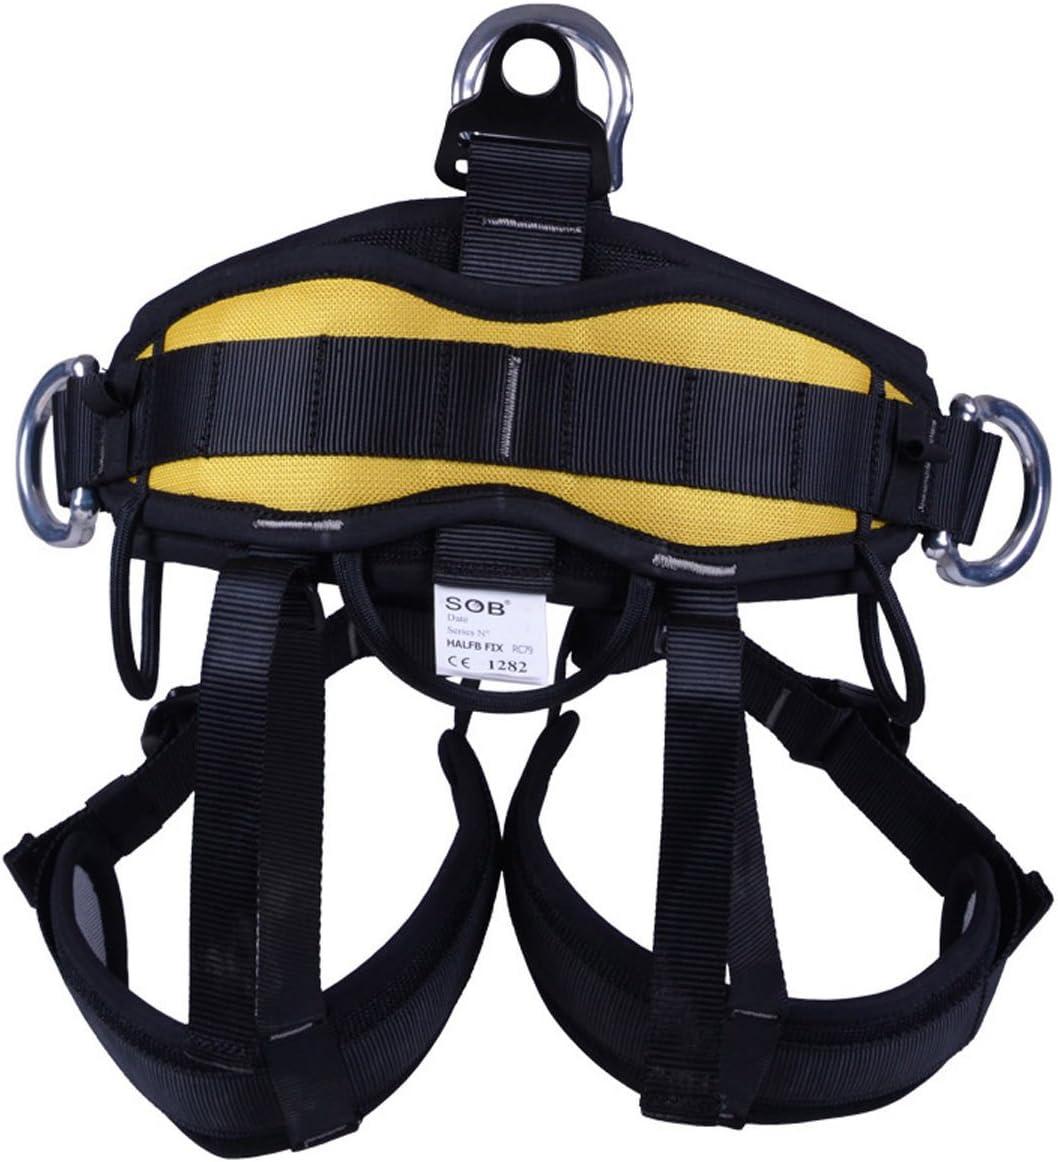 Cinturón de seguridad, de pecho, arnés, equipamiento para escalar o rapel